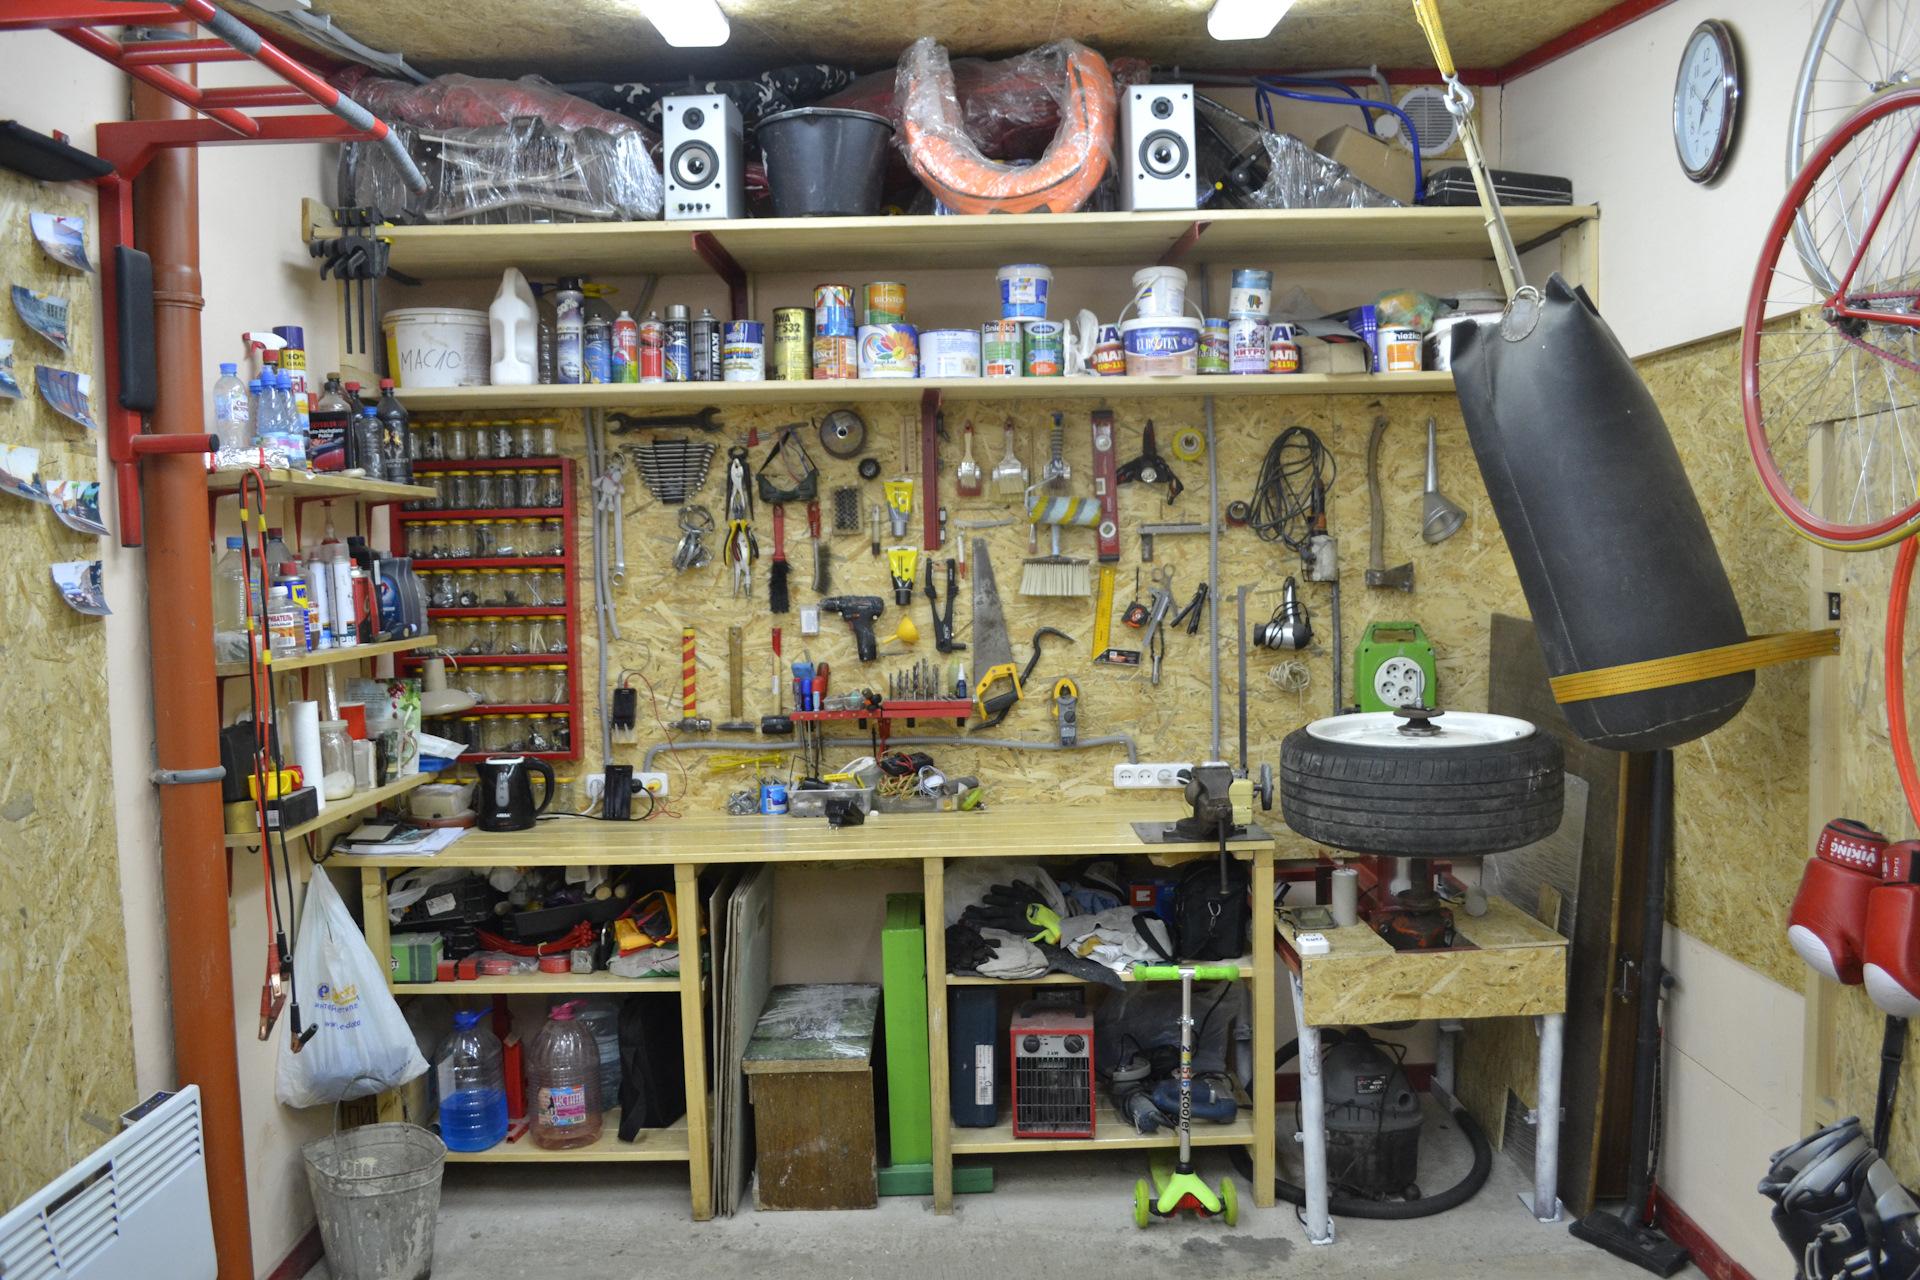 коттеджей прикольный ремонт гаража фото пишет довольно едкие